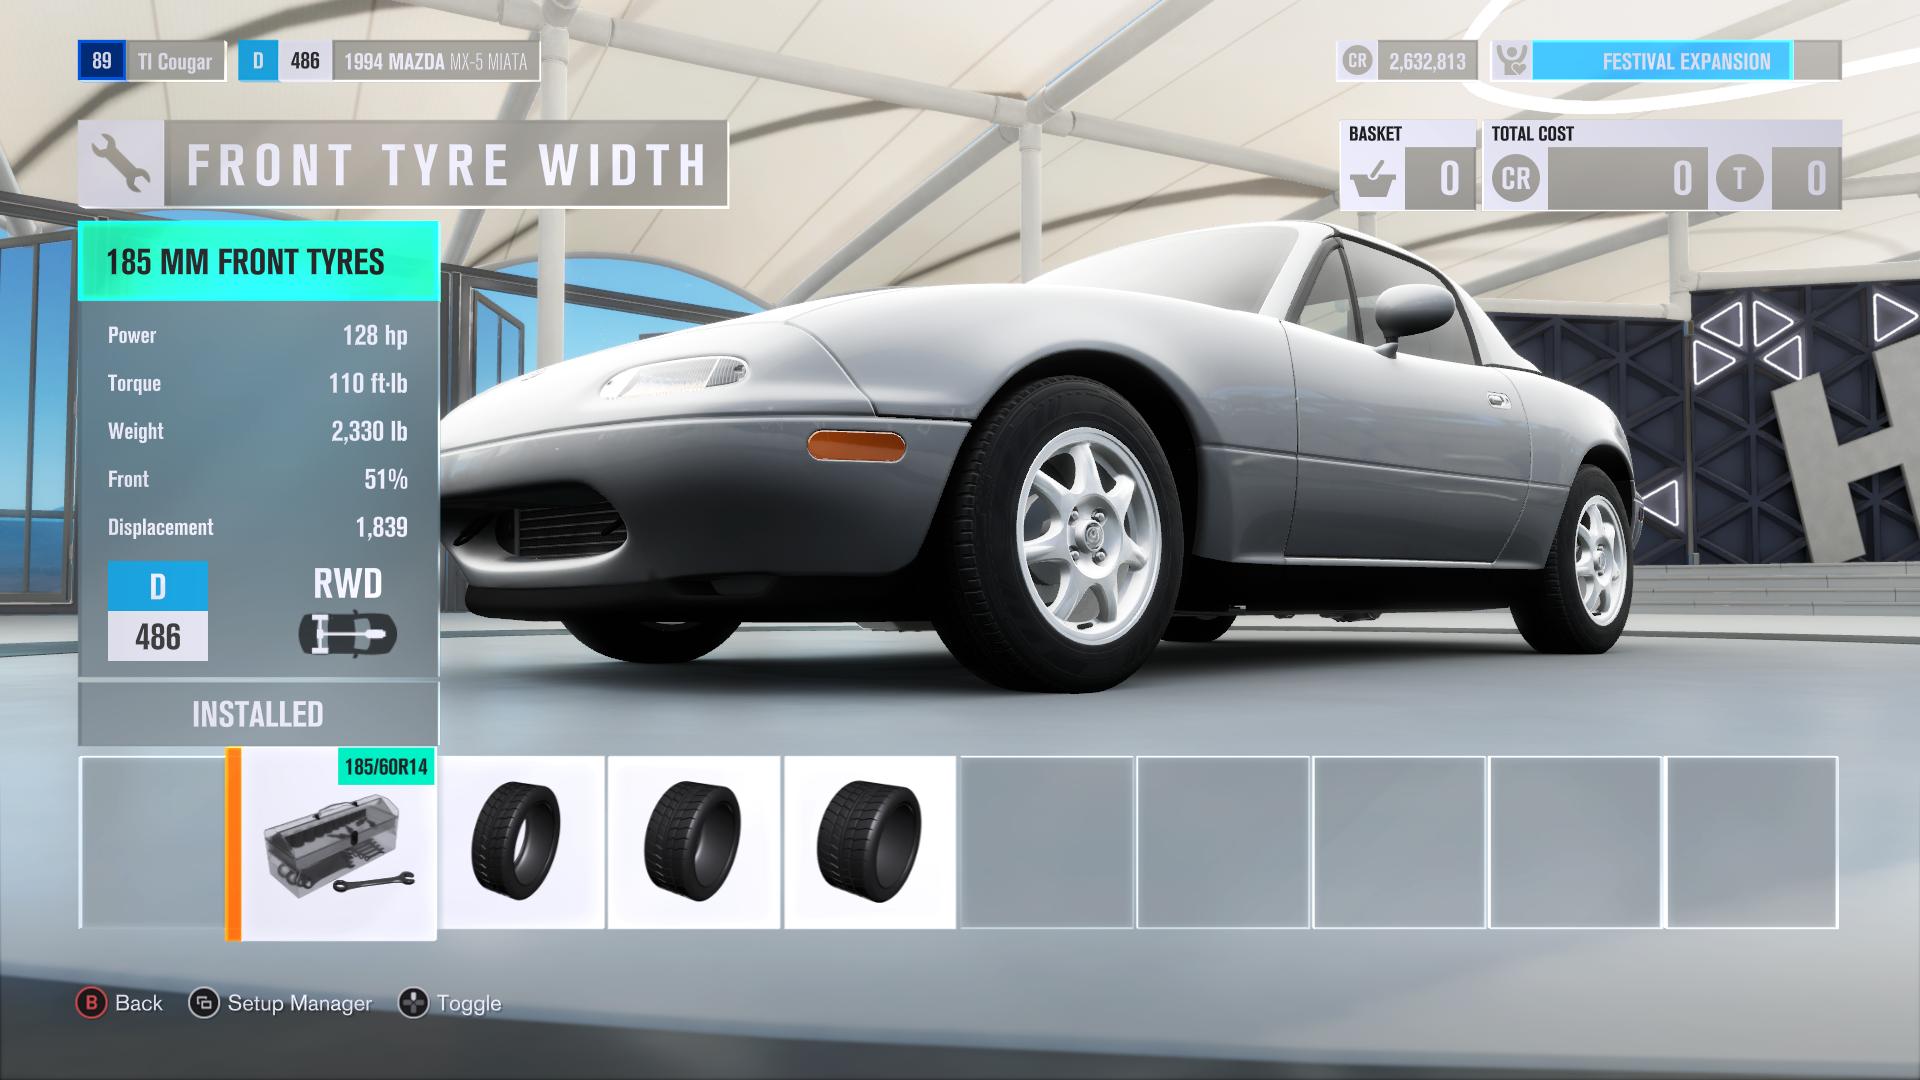 FH3 Time Attack   Stock Car Challenge #35 (1994 Mazda MX-5 Miata) 6b24d4bc-059c-439a-96c3-079cc9e3cd6a